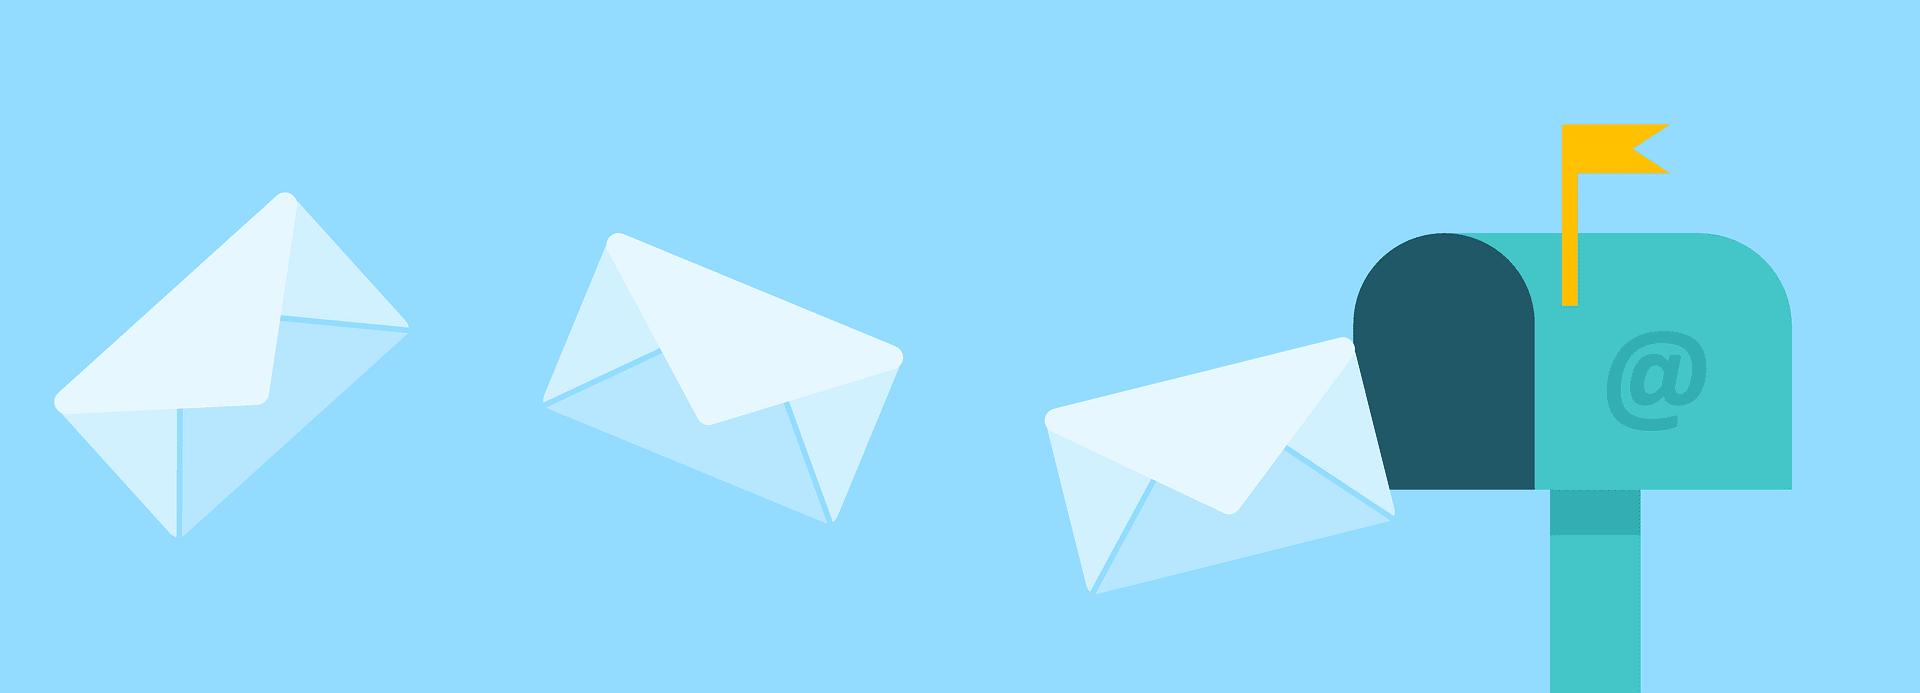 Pourquoi forcer sa boîte aux lettres avec un tournevis est une mauvaise idée?